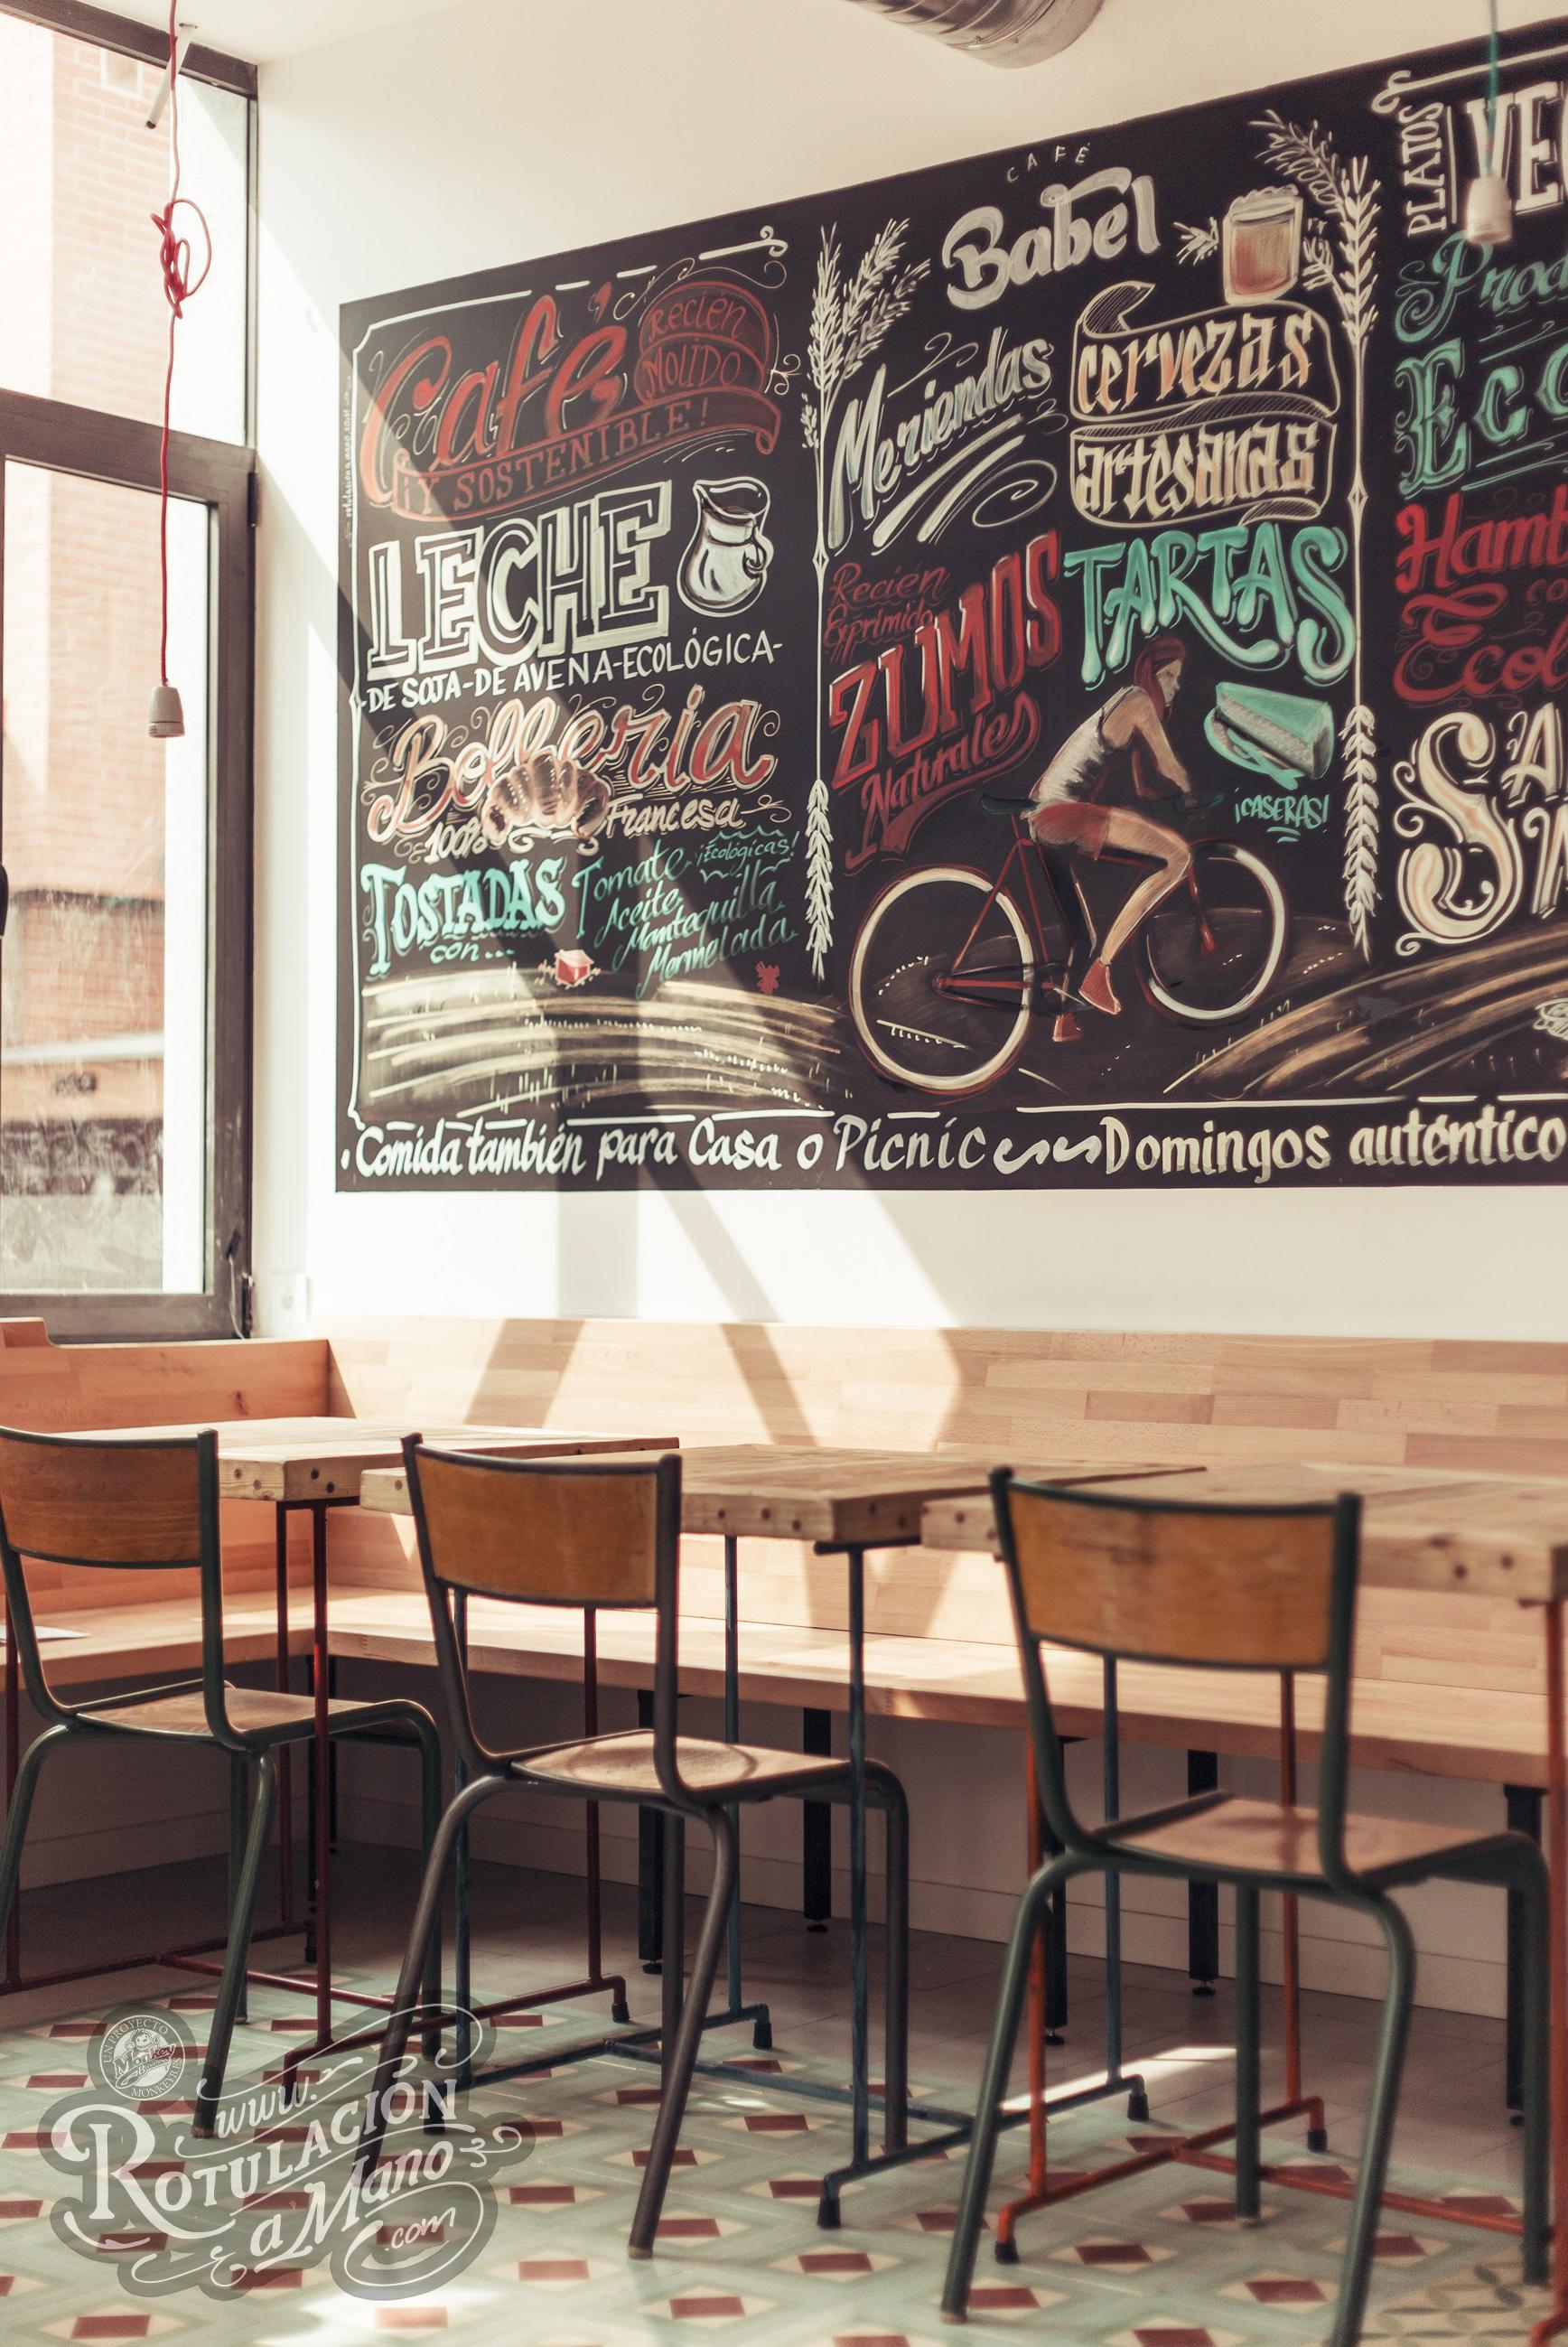 Rotulacion A Mano Pizarras - Pizarra-decoracion-pared